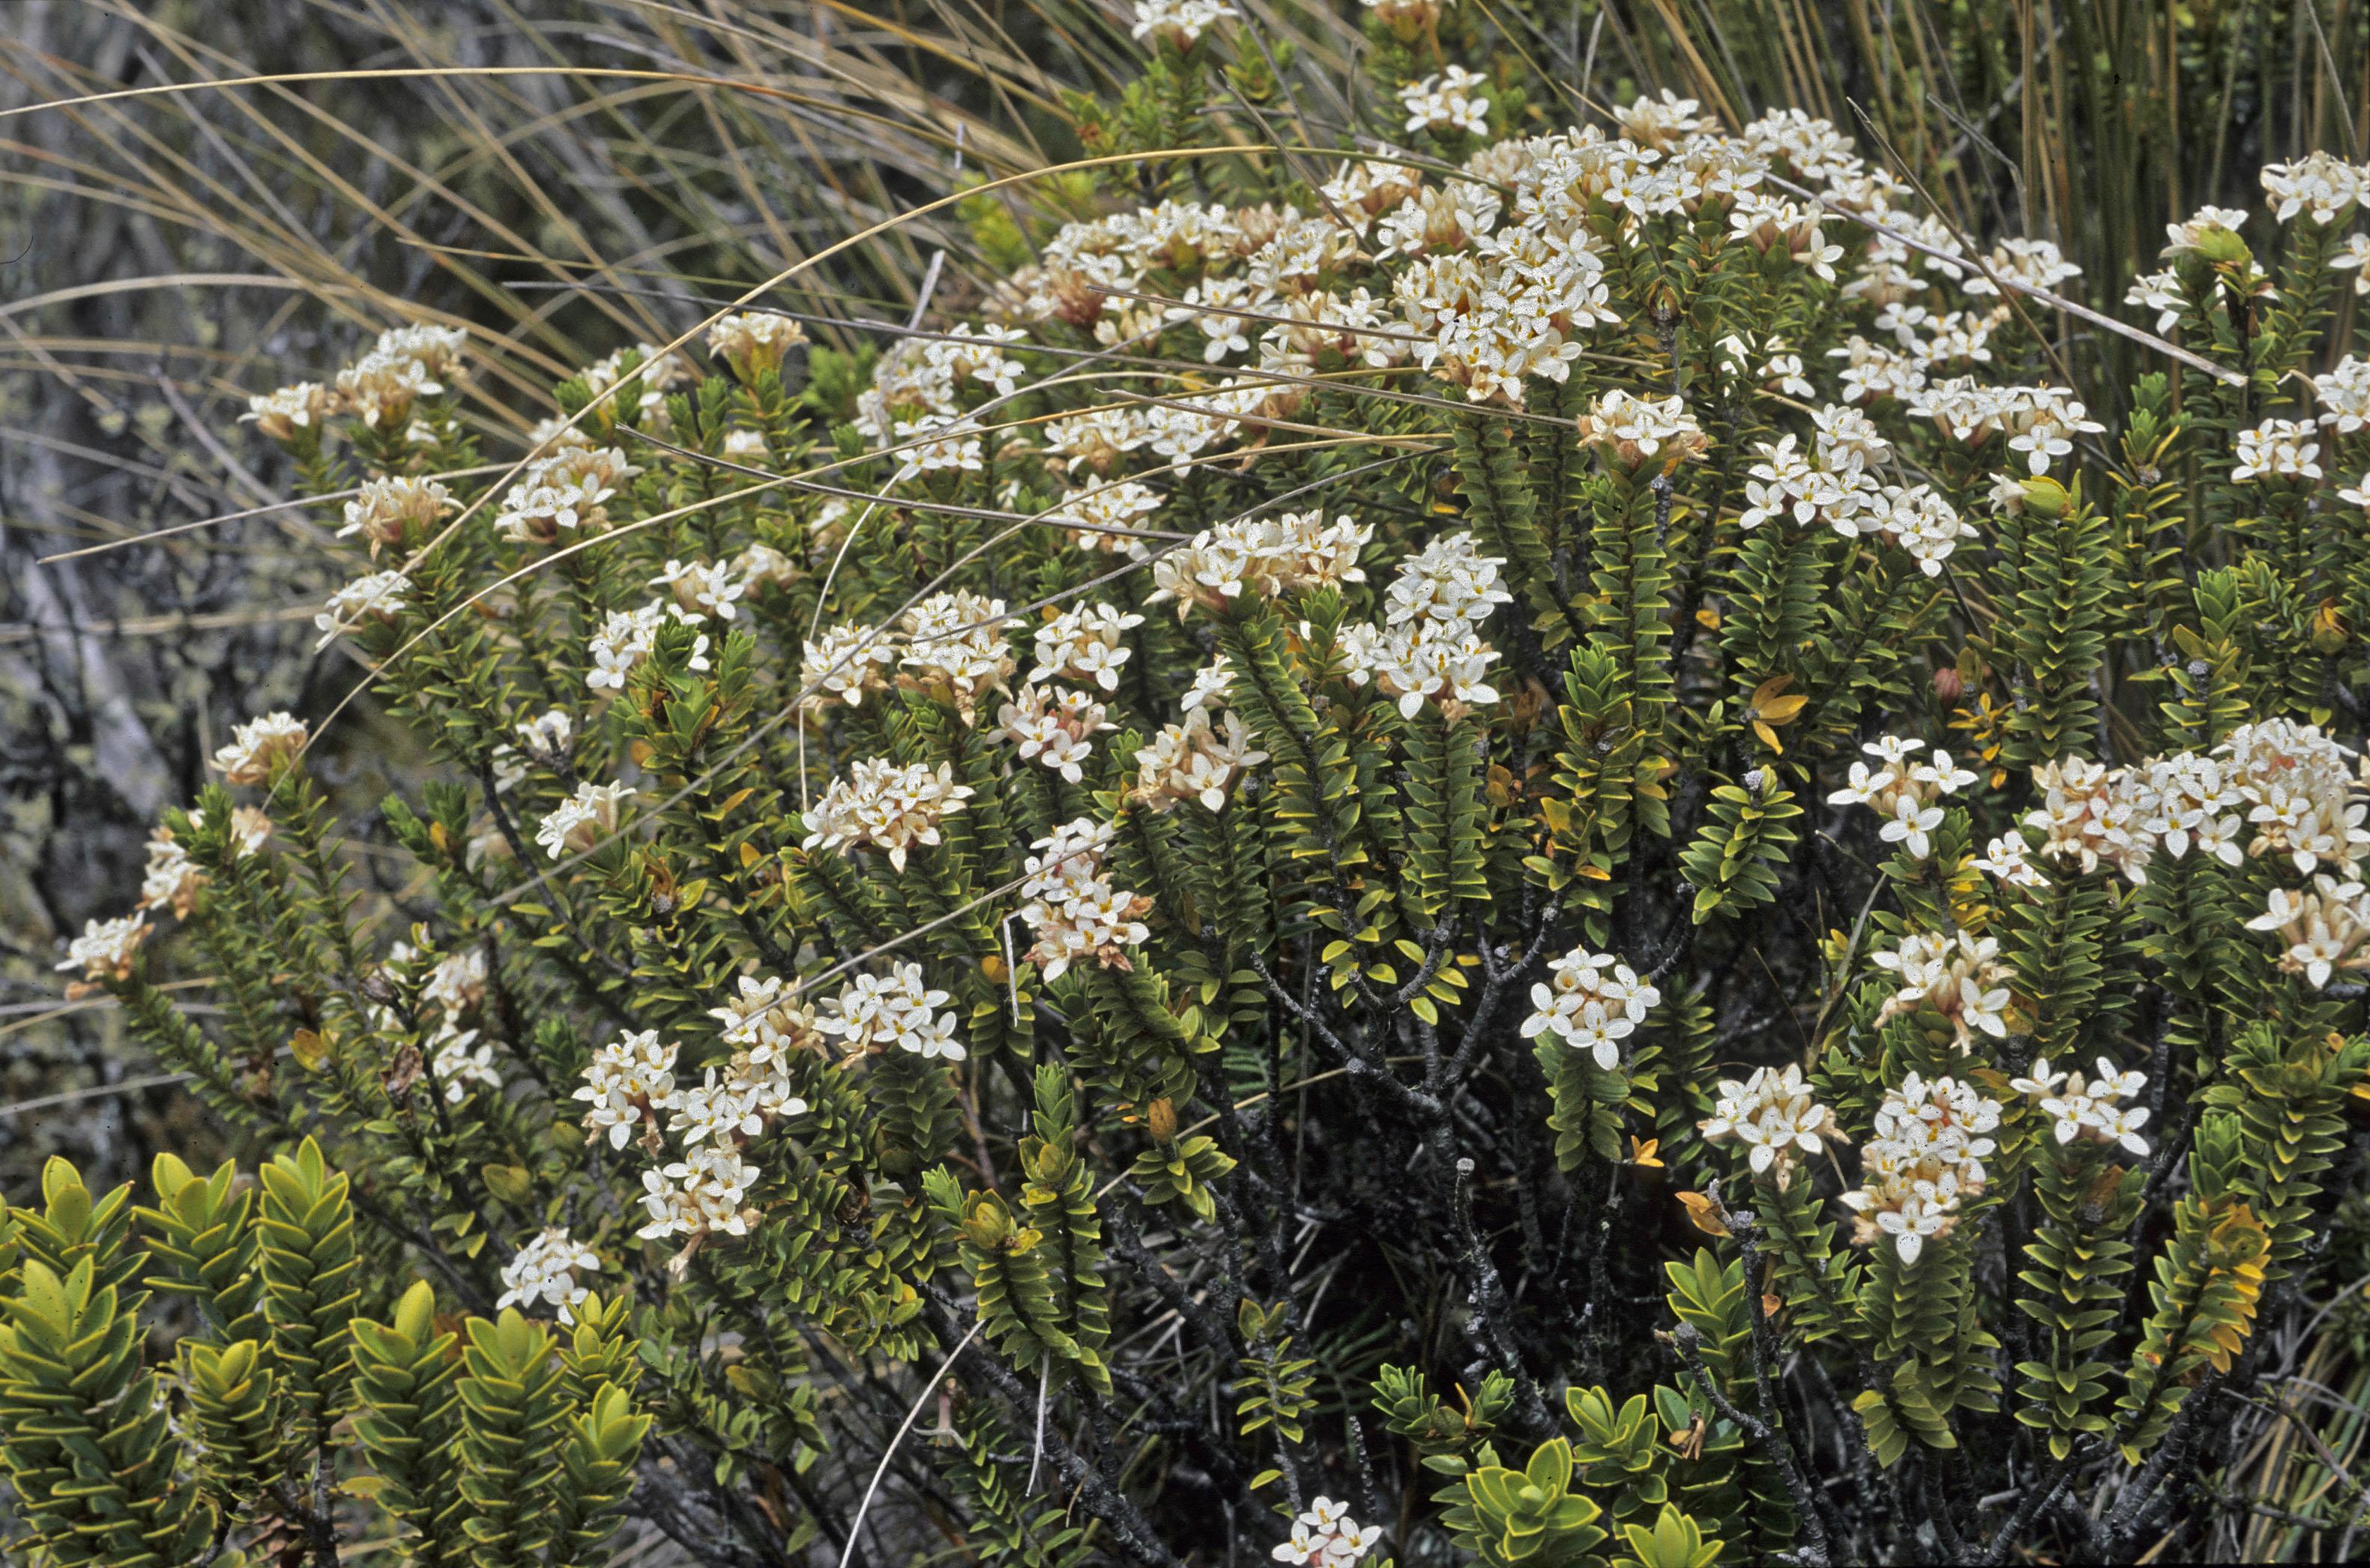 Pimelea buxifolia